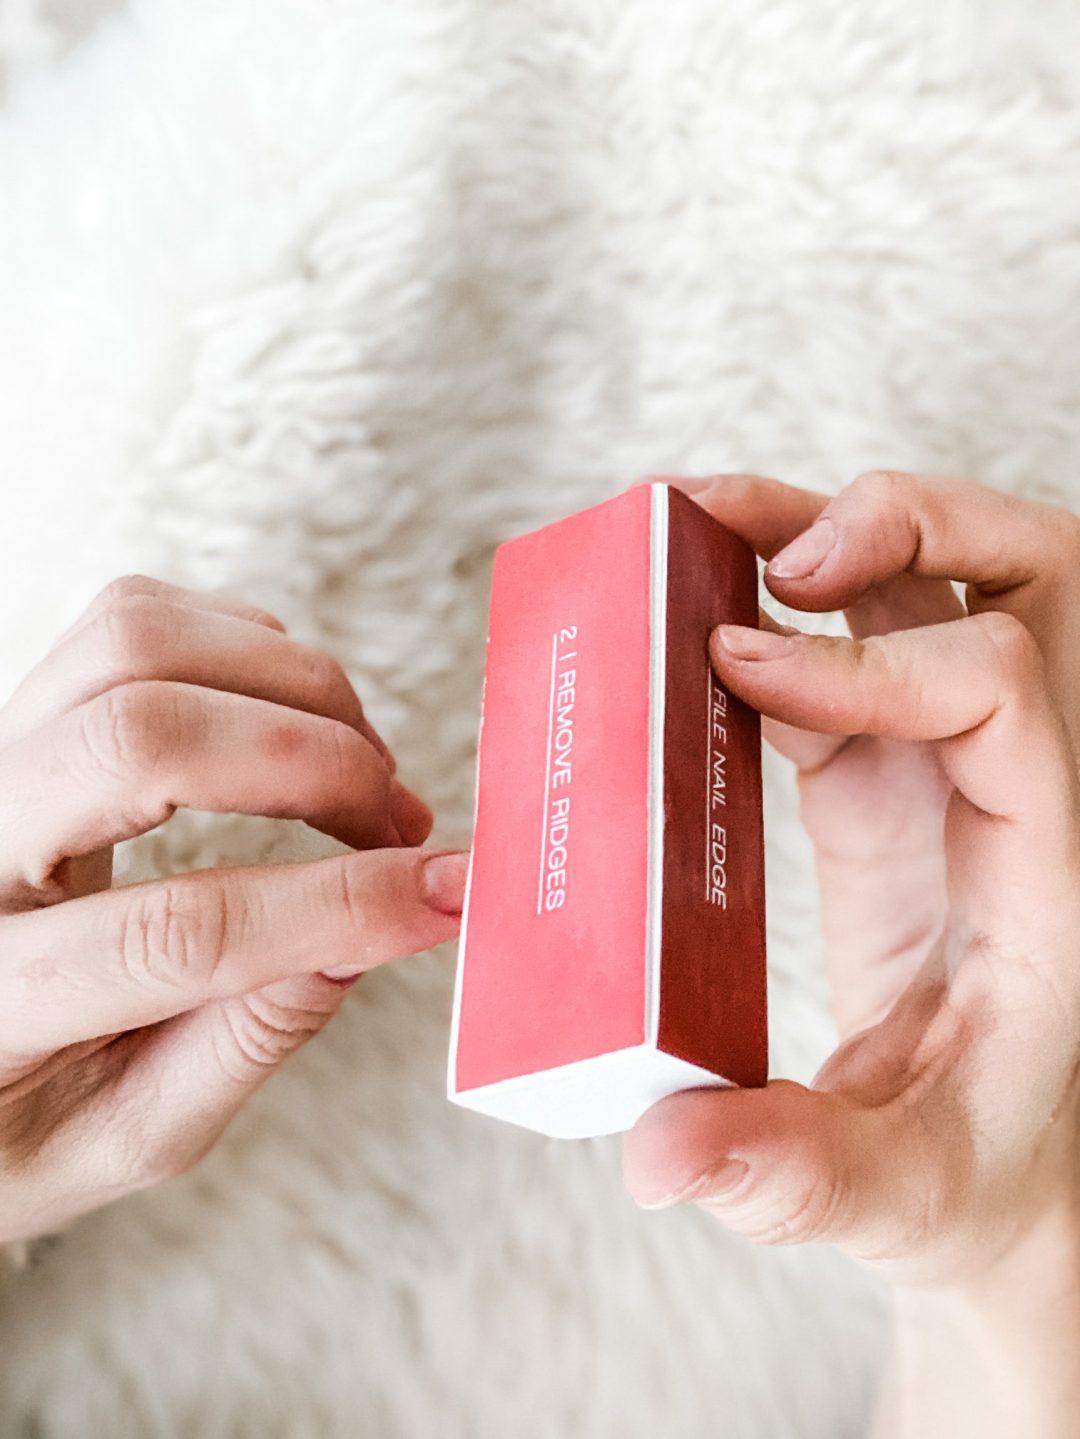 manicure smoothing